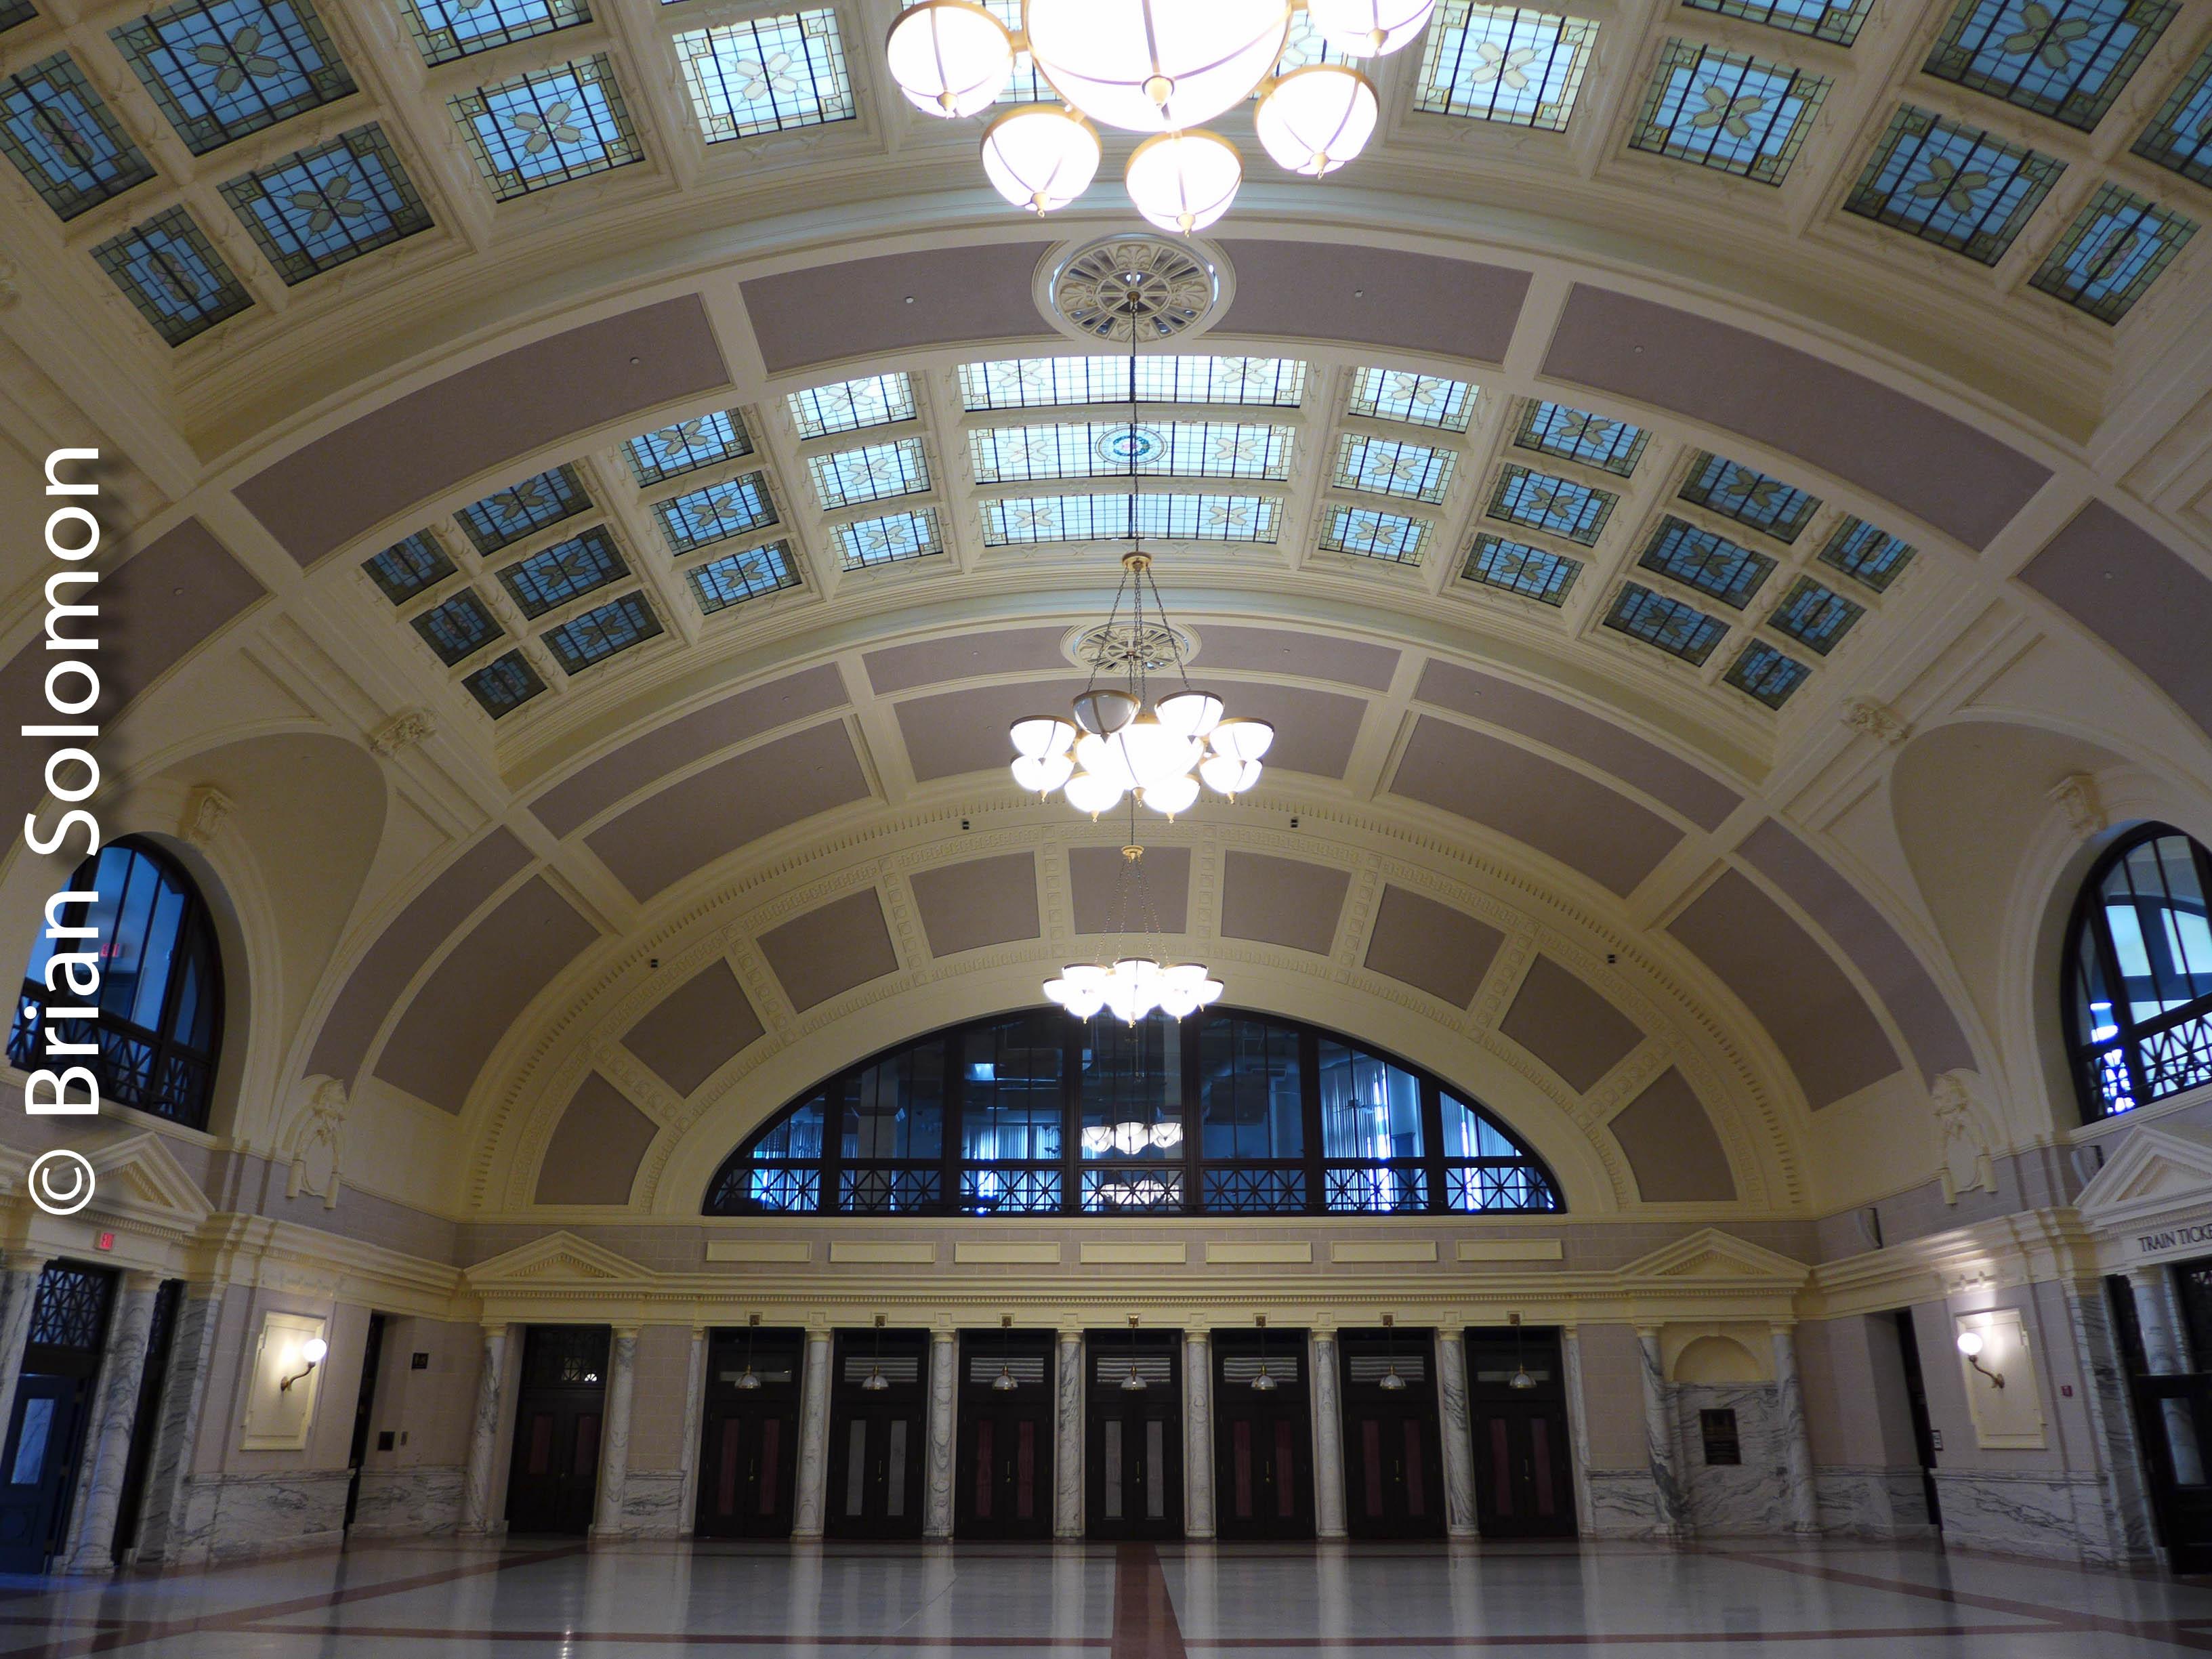 100+ Union Station Worcester Mass Address – yasminroohi